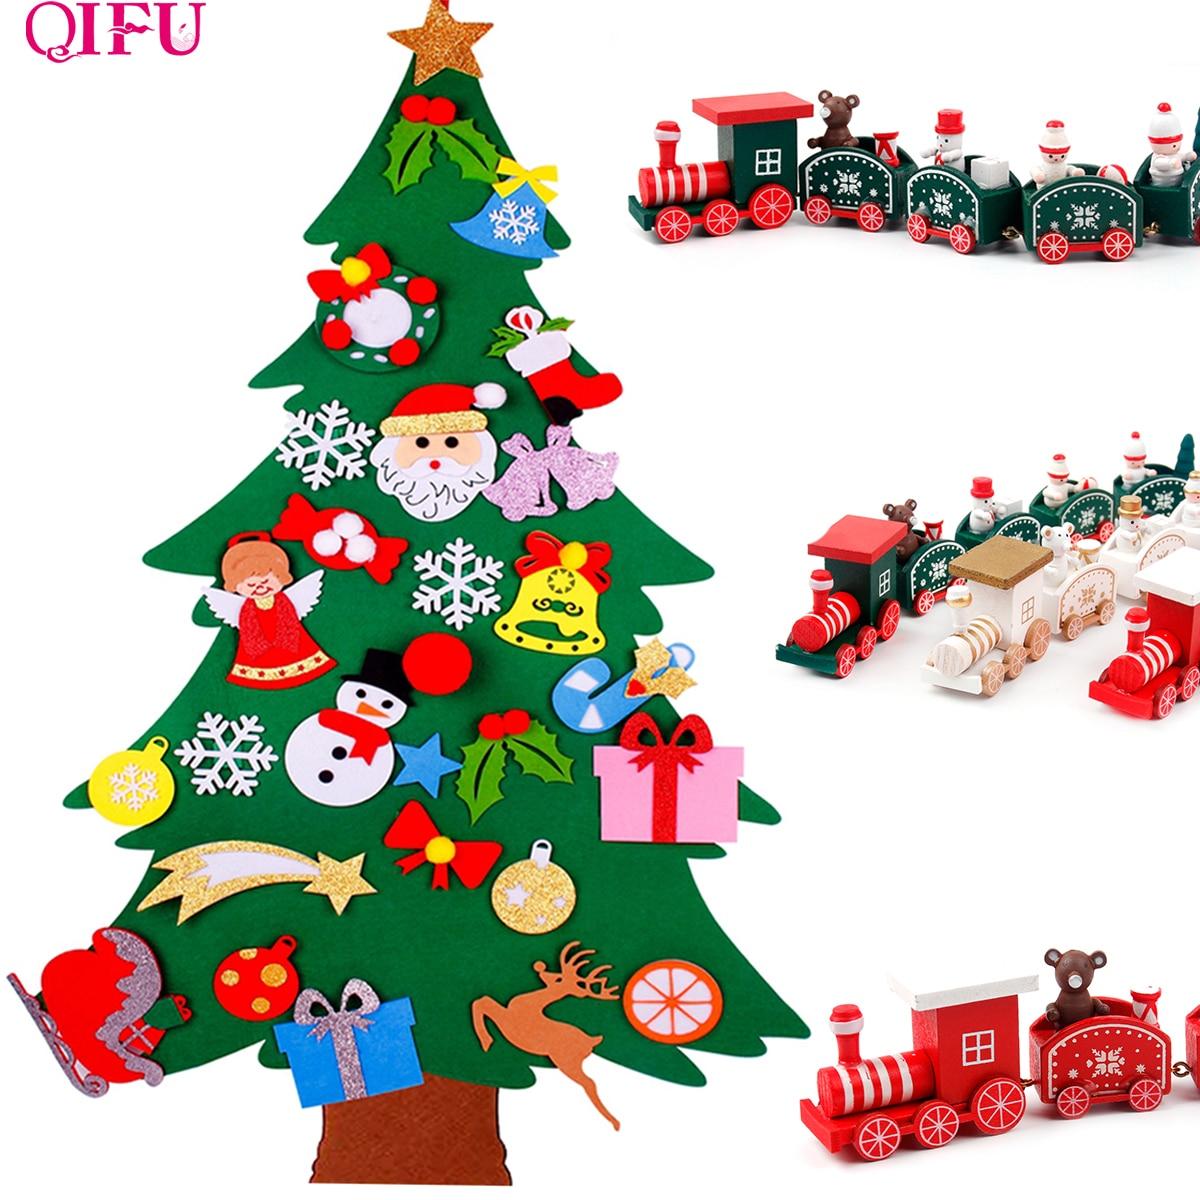 3D DIY cónico fieltro regalo de Navidad para niños Cristmas adornos de decoración de Navidad adornos navideños para el hogar Año Nuevo deco Noel